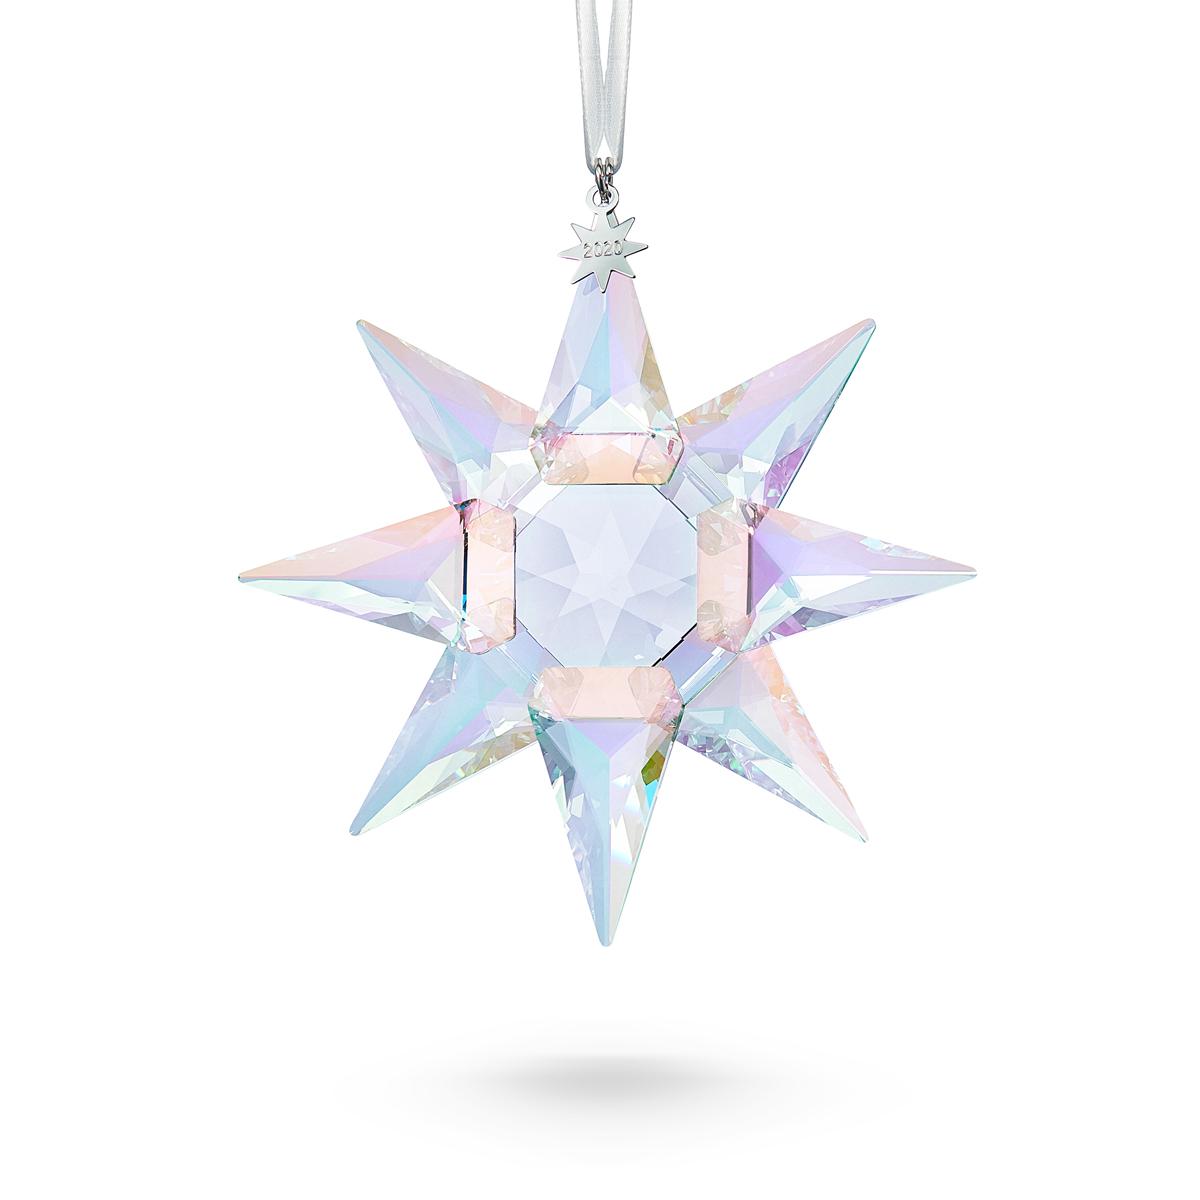 Swarovski Christmas Star 2020 Swarovski Anniversary Ornament 2020, Limited Edition | Crystal